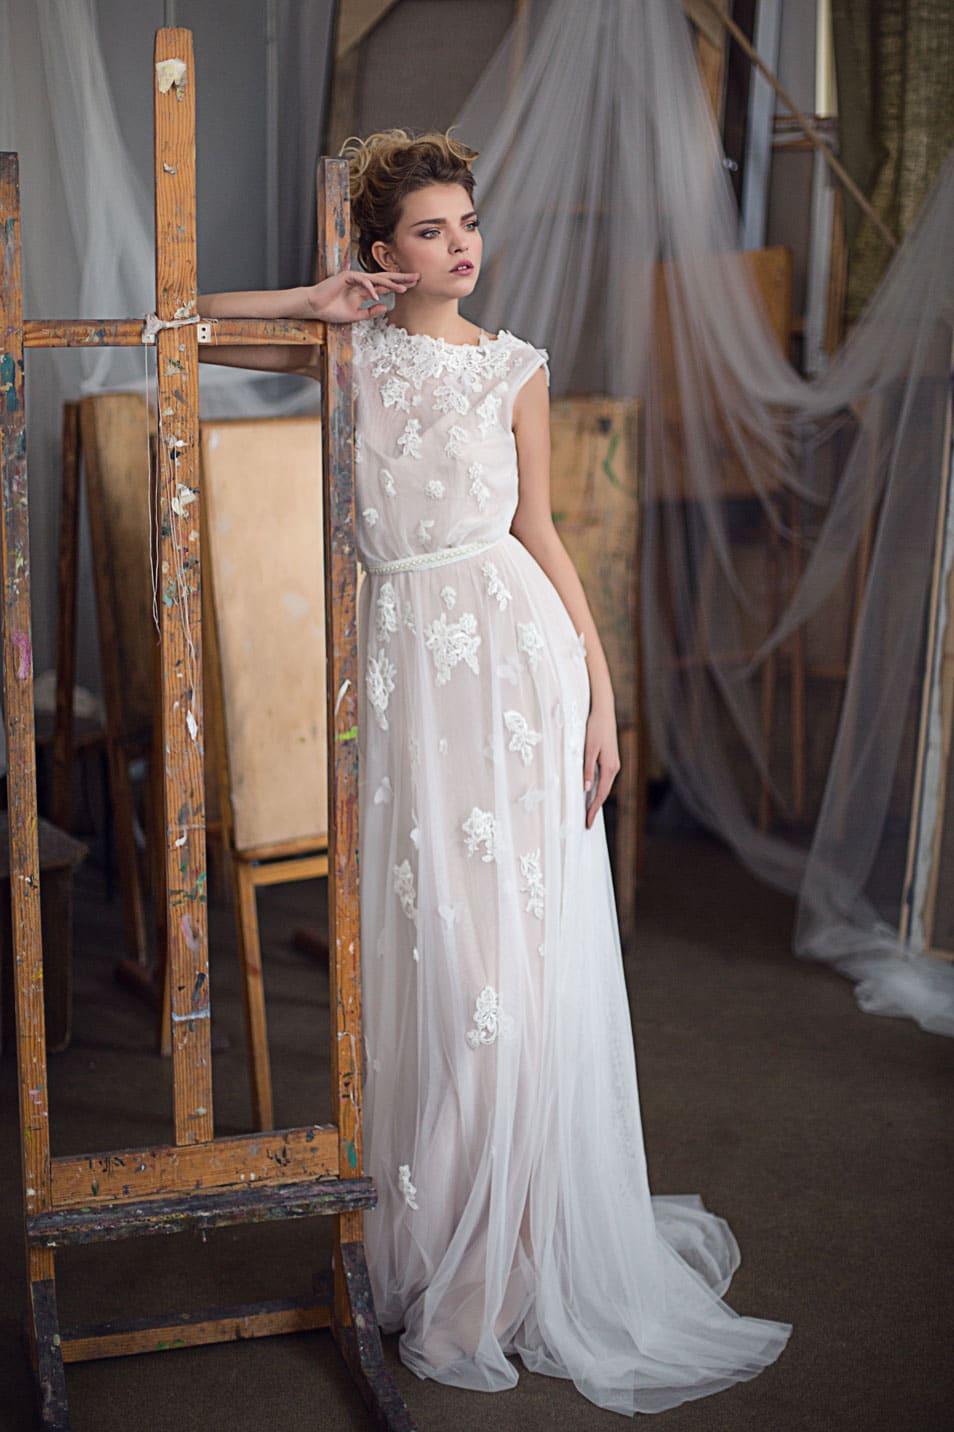 961b23e1b27 Свадебное Платье Фото В Греческом Стиле